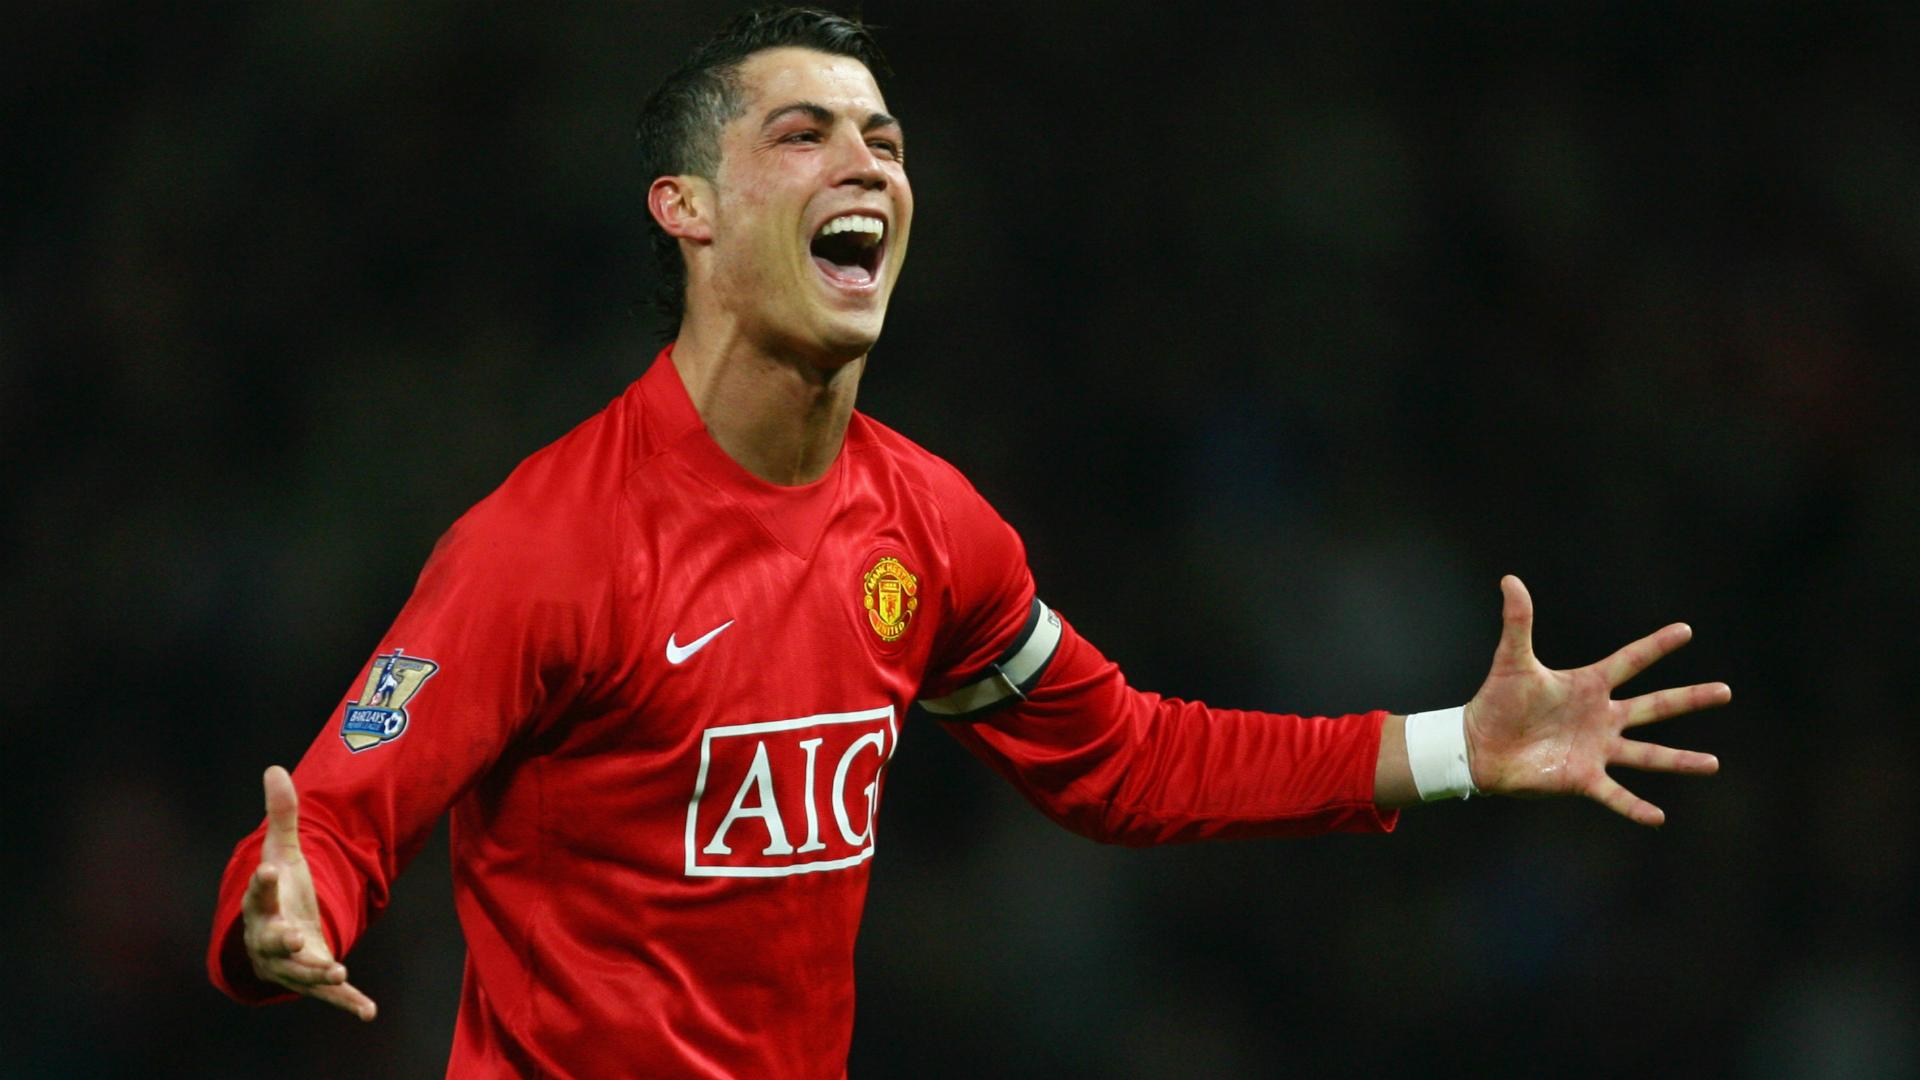 Bruno Fernandes và 4 lý do để bỏ qua Tottenham, chọn Man Utd - Bóng Đá